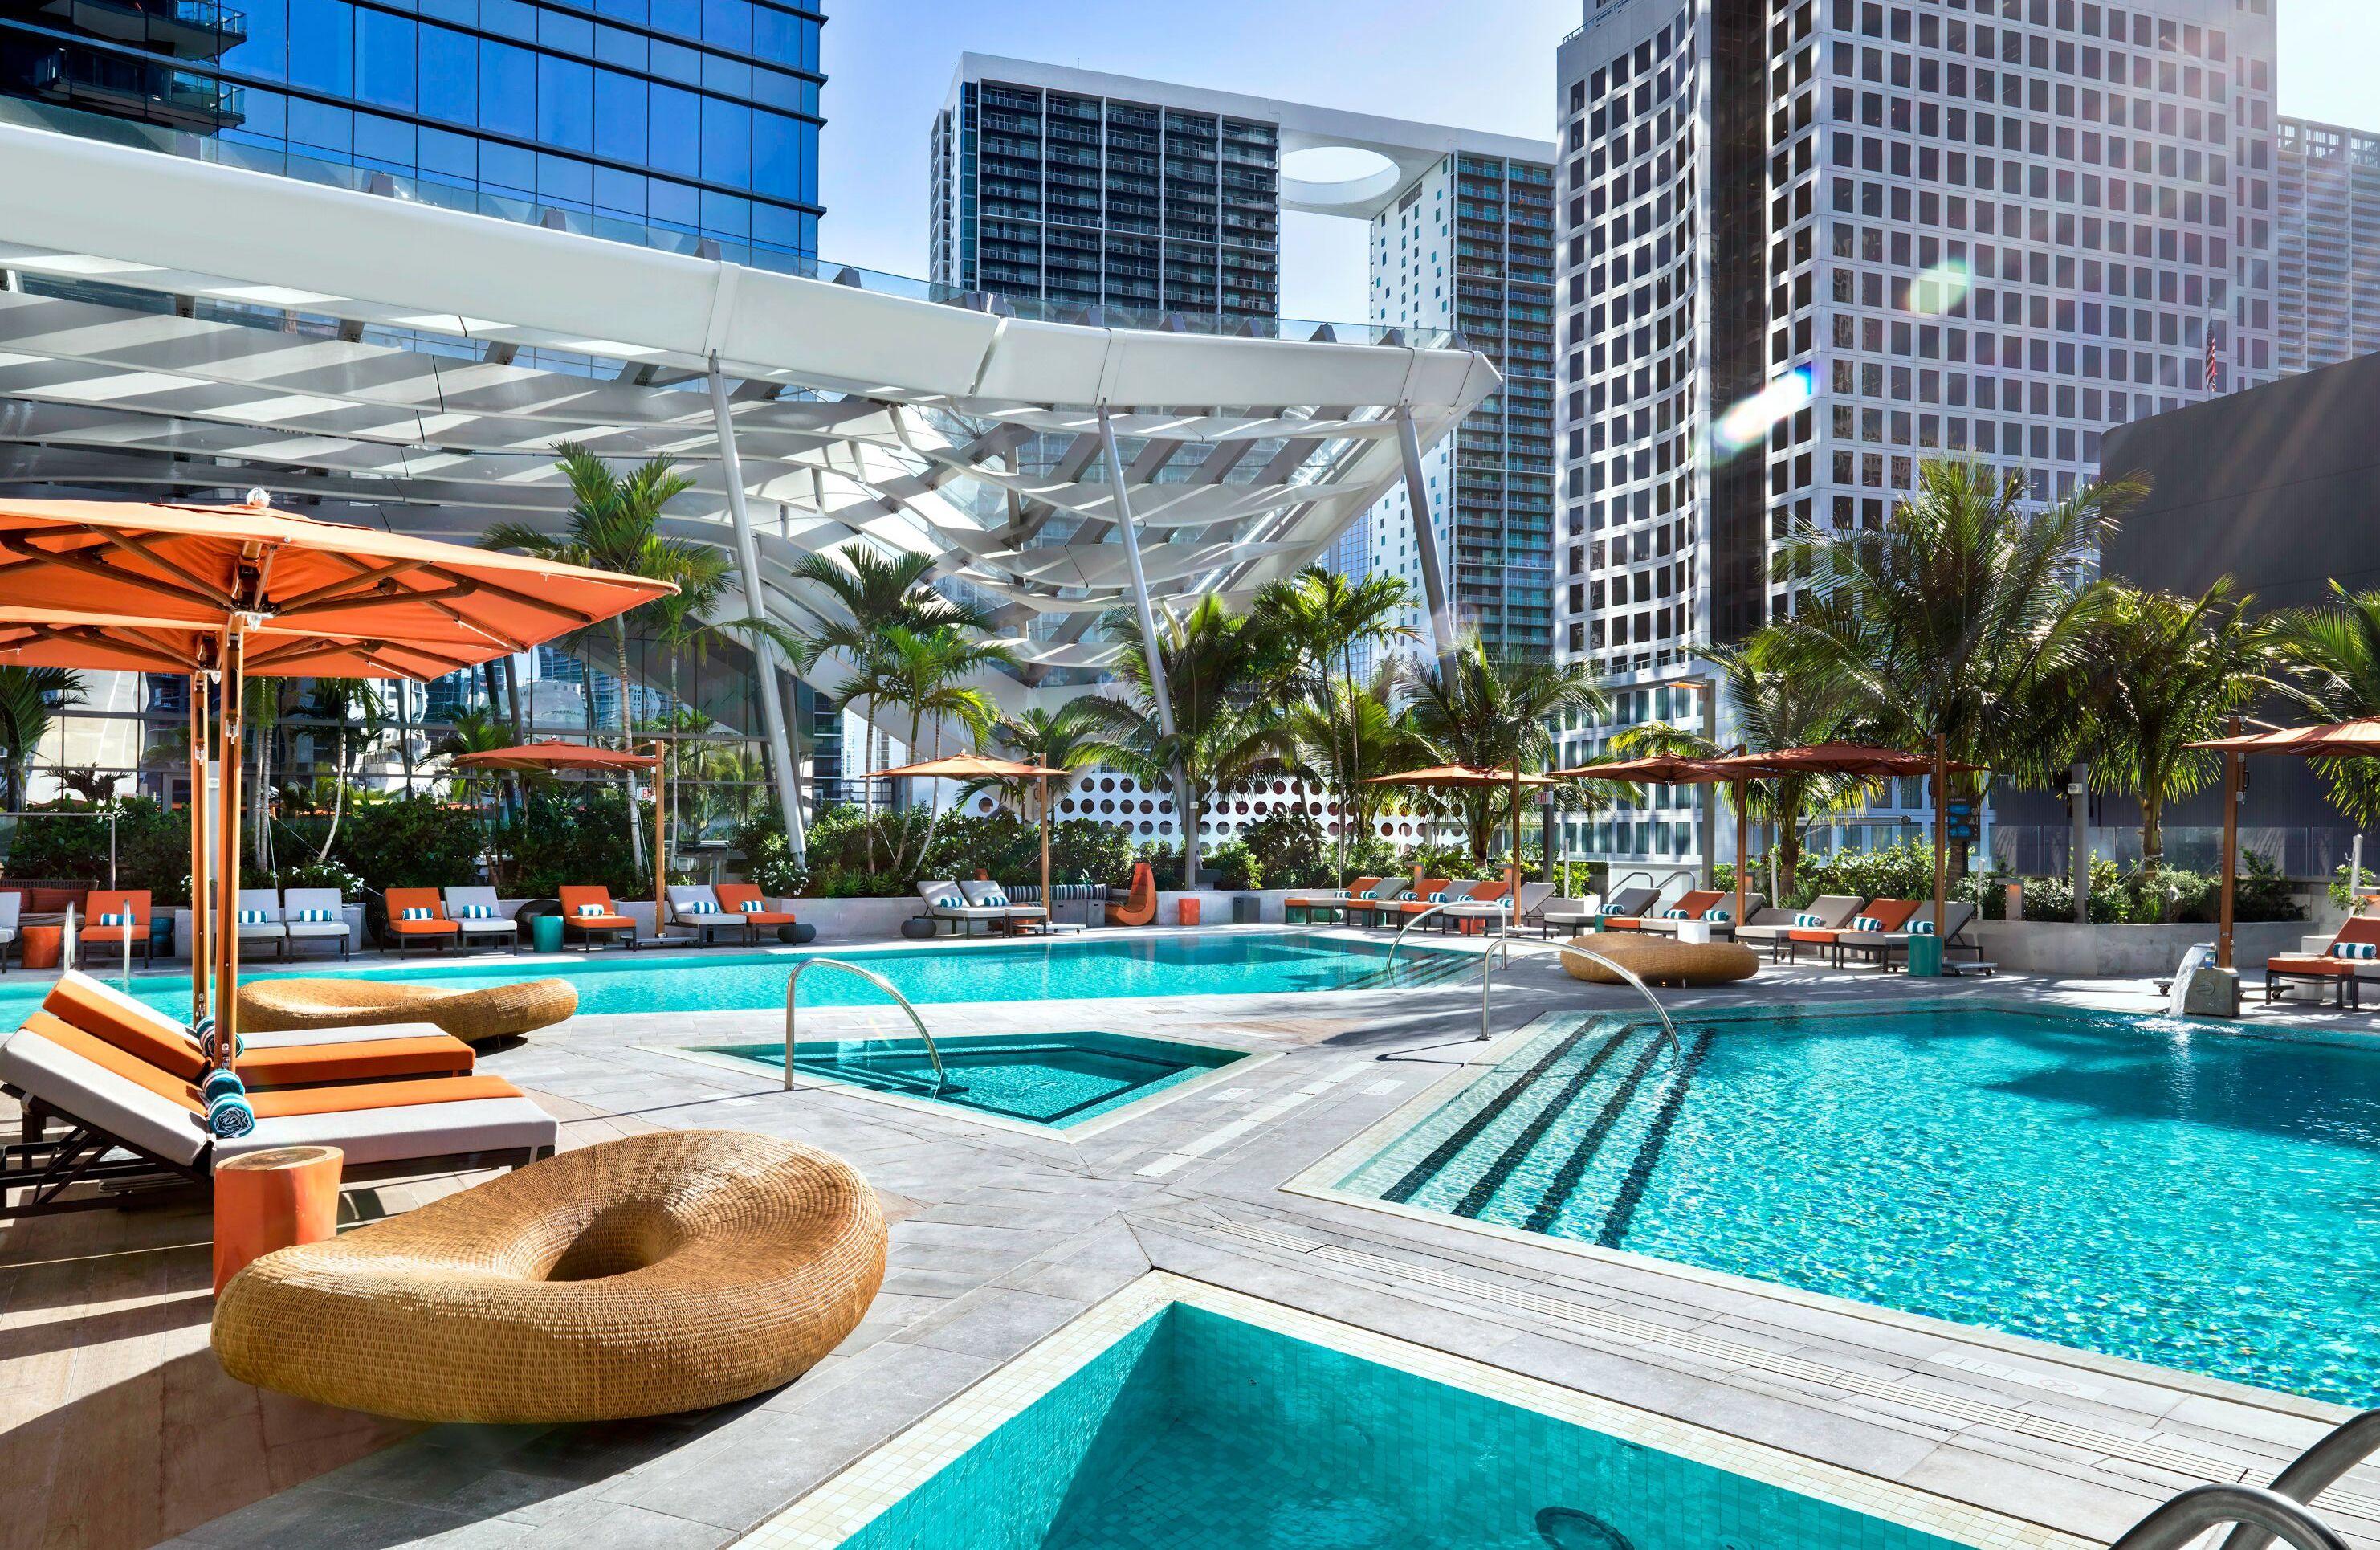 EAST Miami deja huella en la hospitalidad sustentable